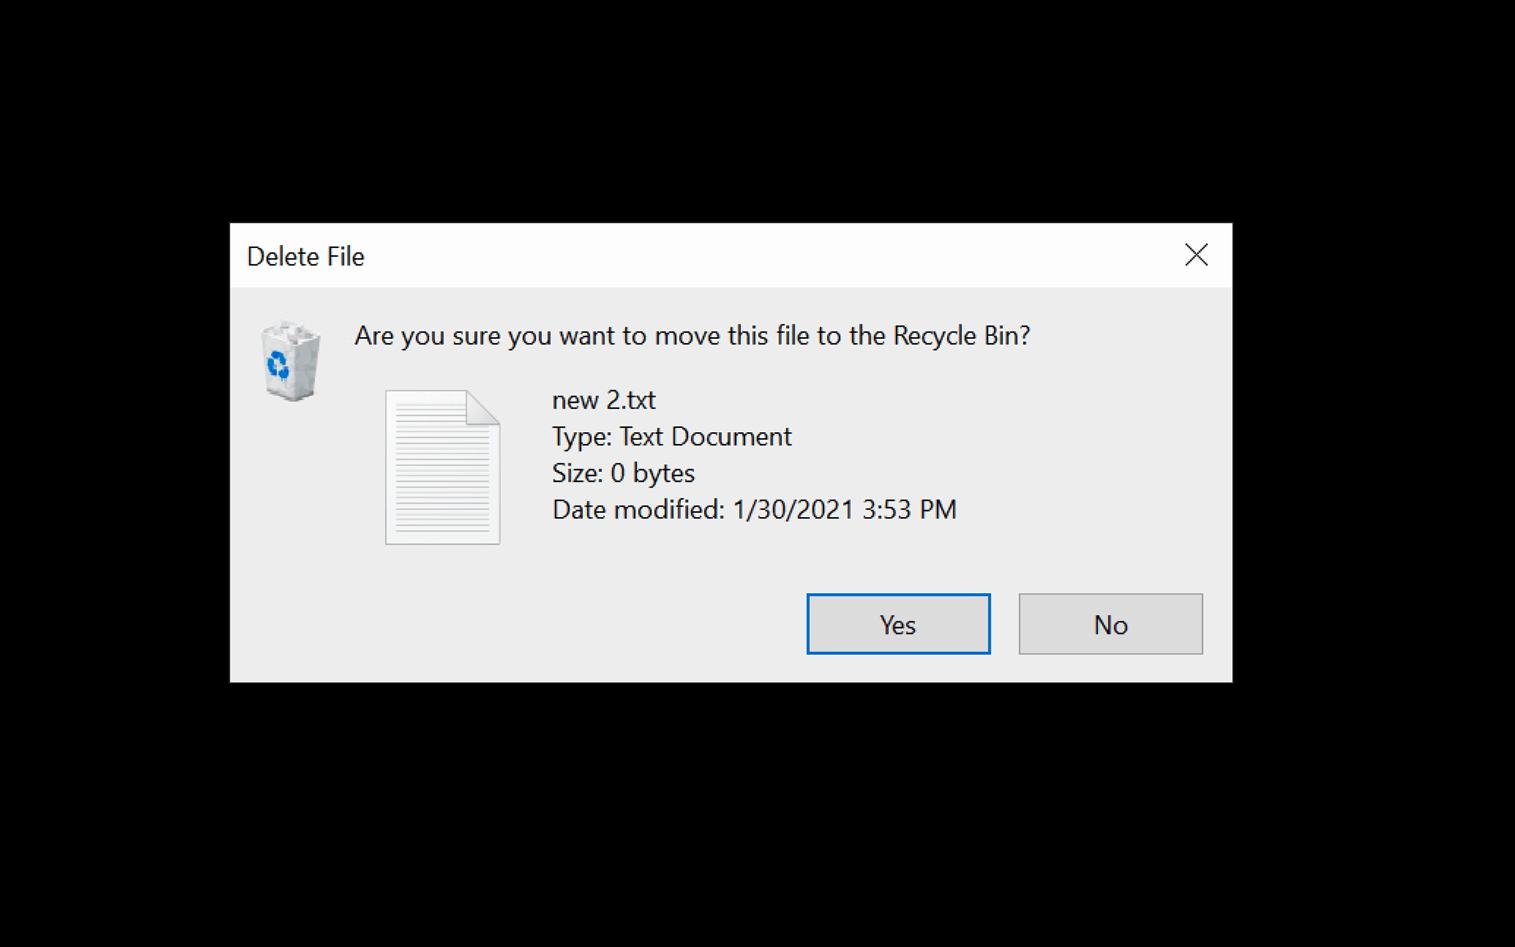 Set Windows Ask before Del